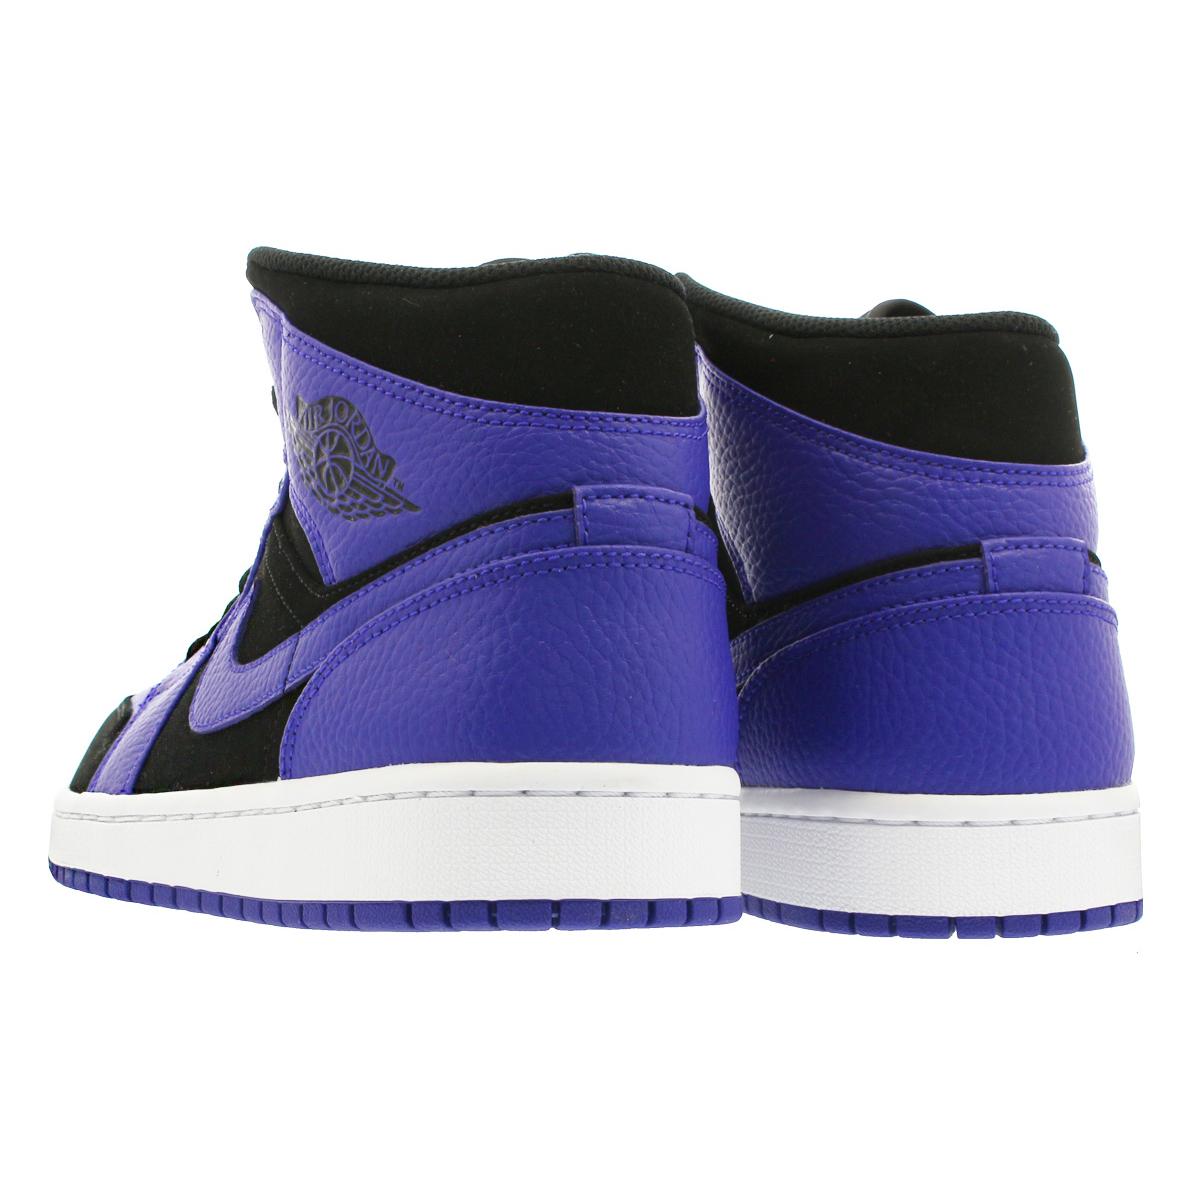 b607a8f9e54c NIKE AIR JORDAN 1 MID Nike Air Jordan 1 mid BLACK DARK CONCORD WHITE  554